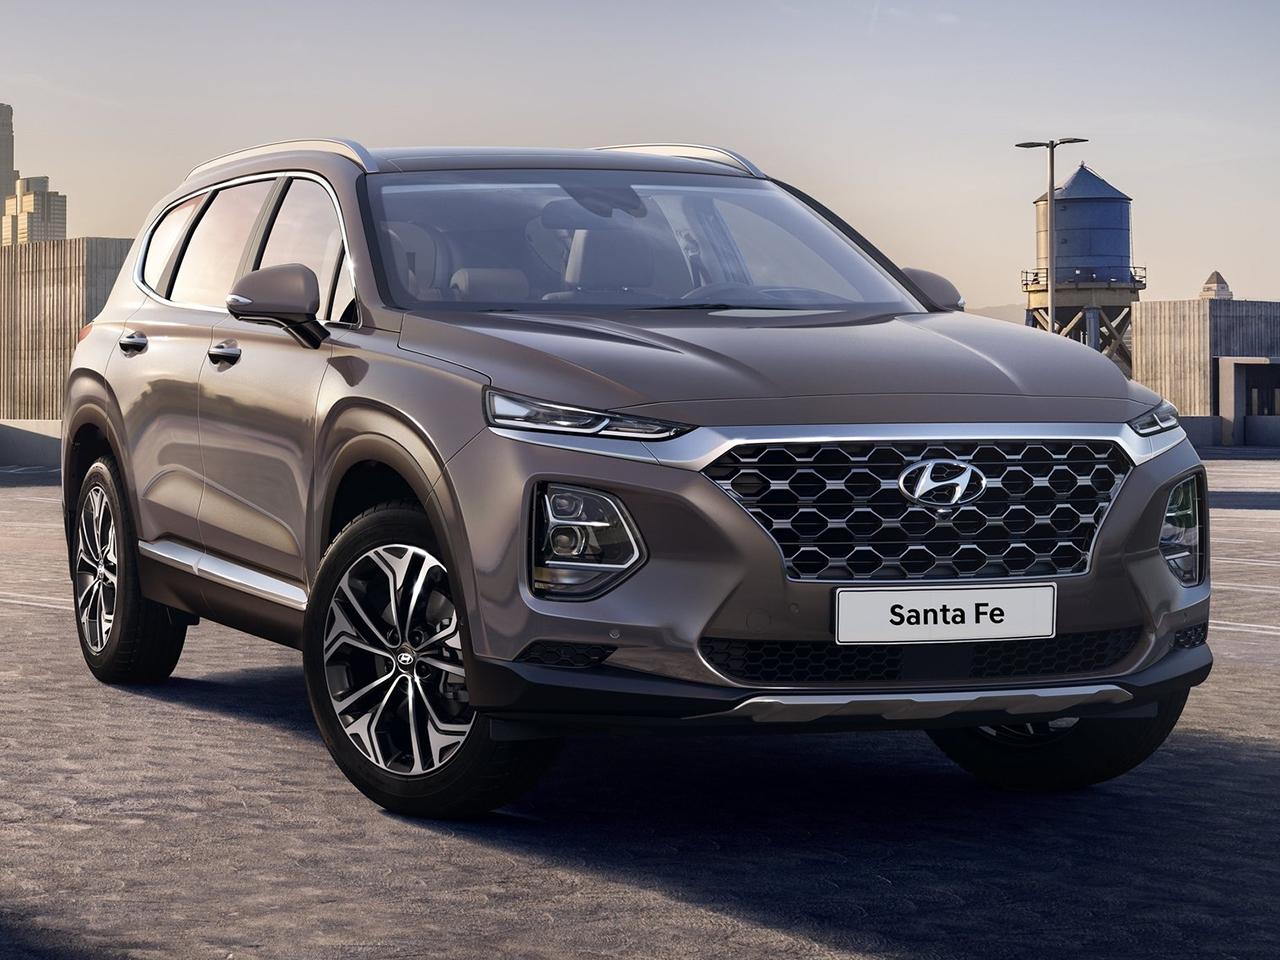 Hyundai Santa Fe 2021 Nuestras Sensaciones Y Actualidad Topgear Es